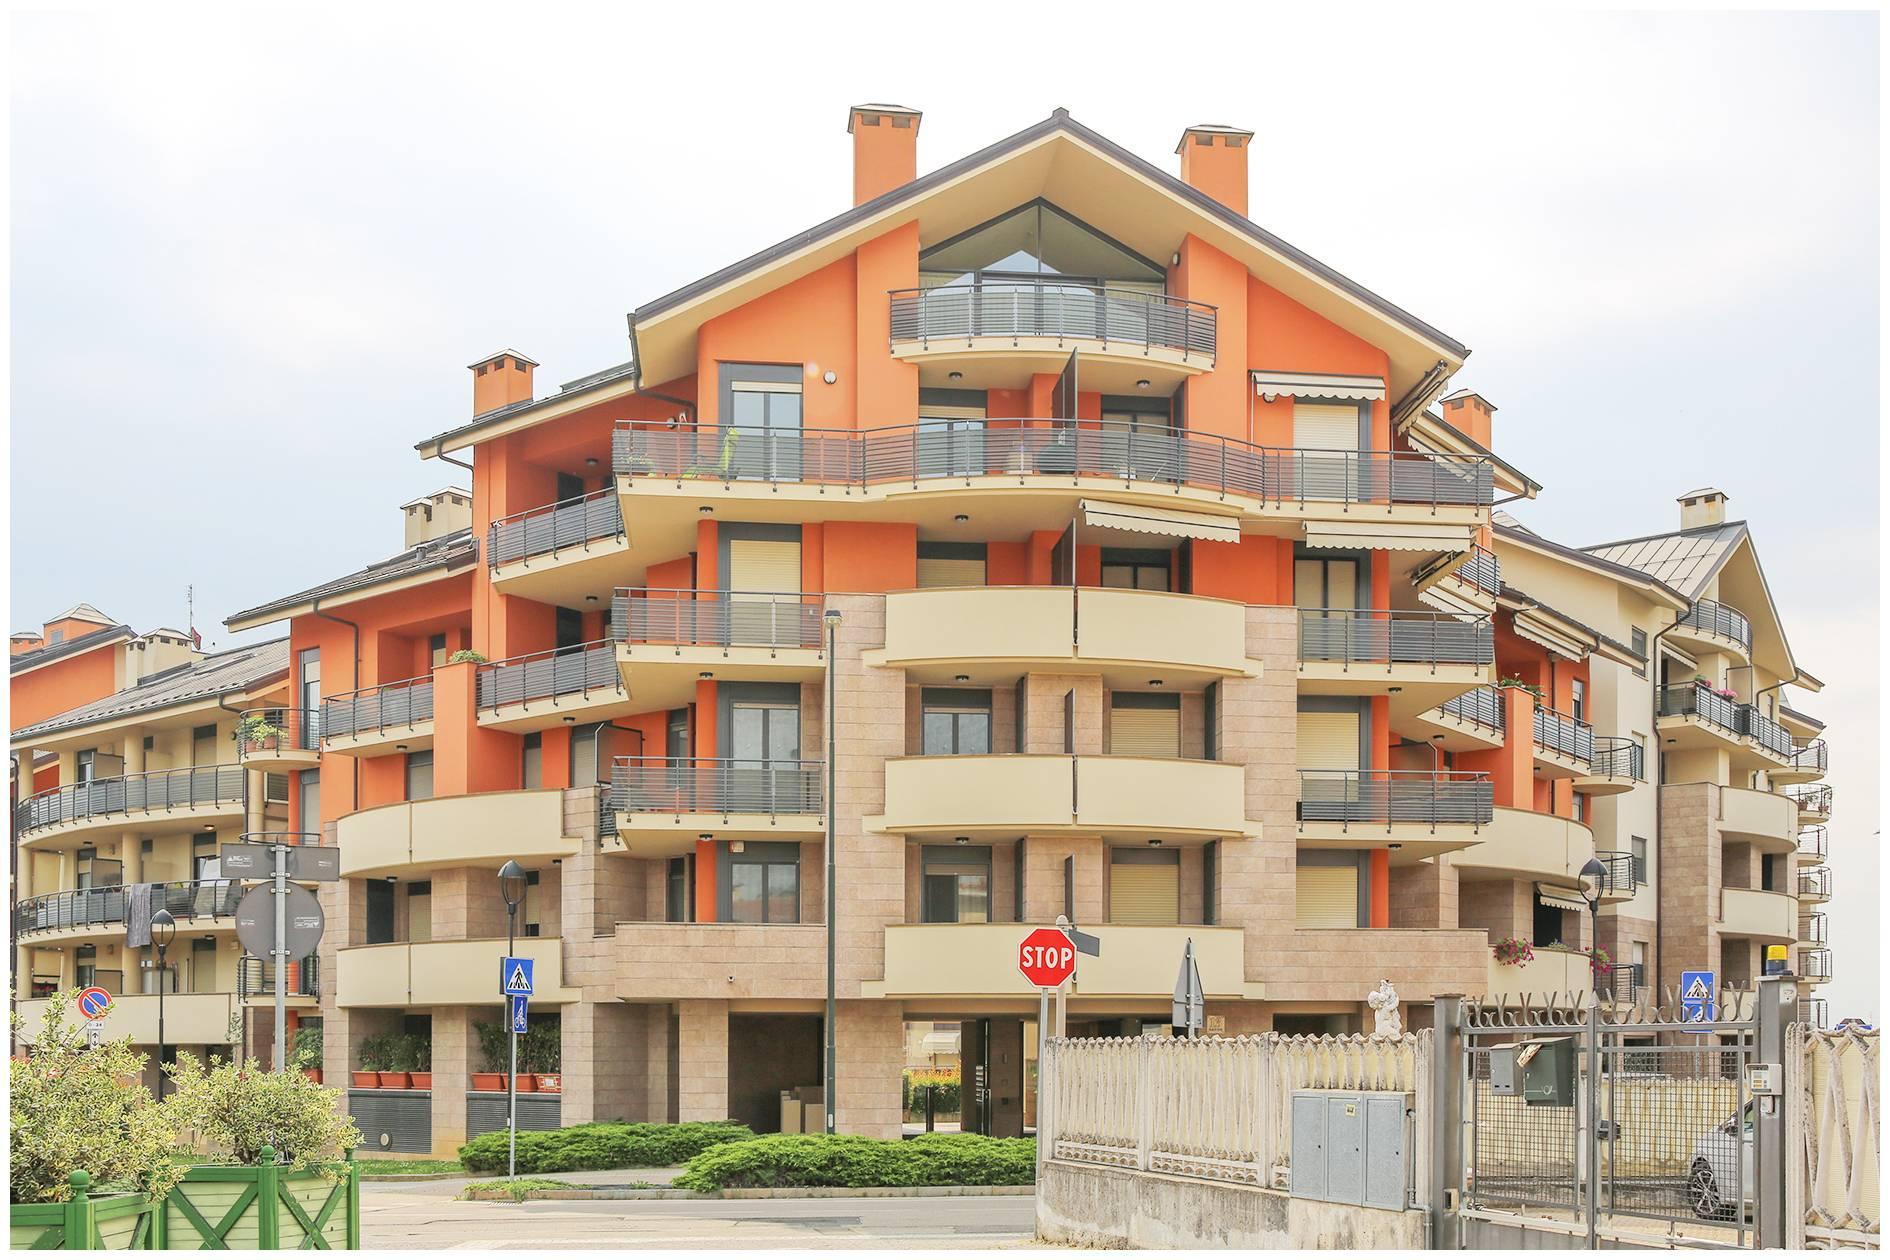 Appartamento in affitto a Chieri, 4 locali, zona Località: ComodoAlCentro, prezzo € 900 | CambioCasa.it